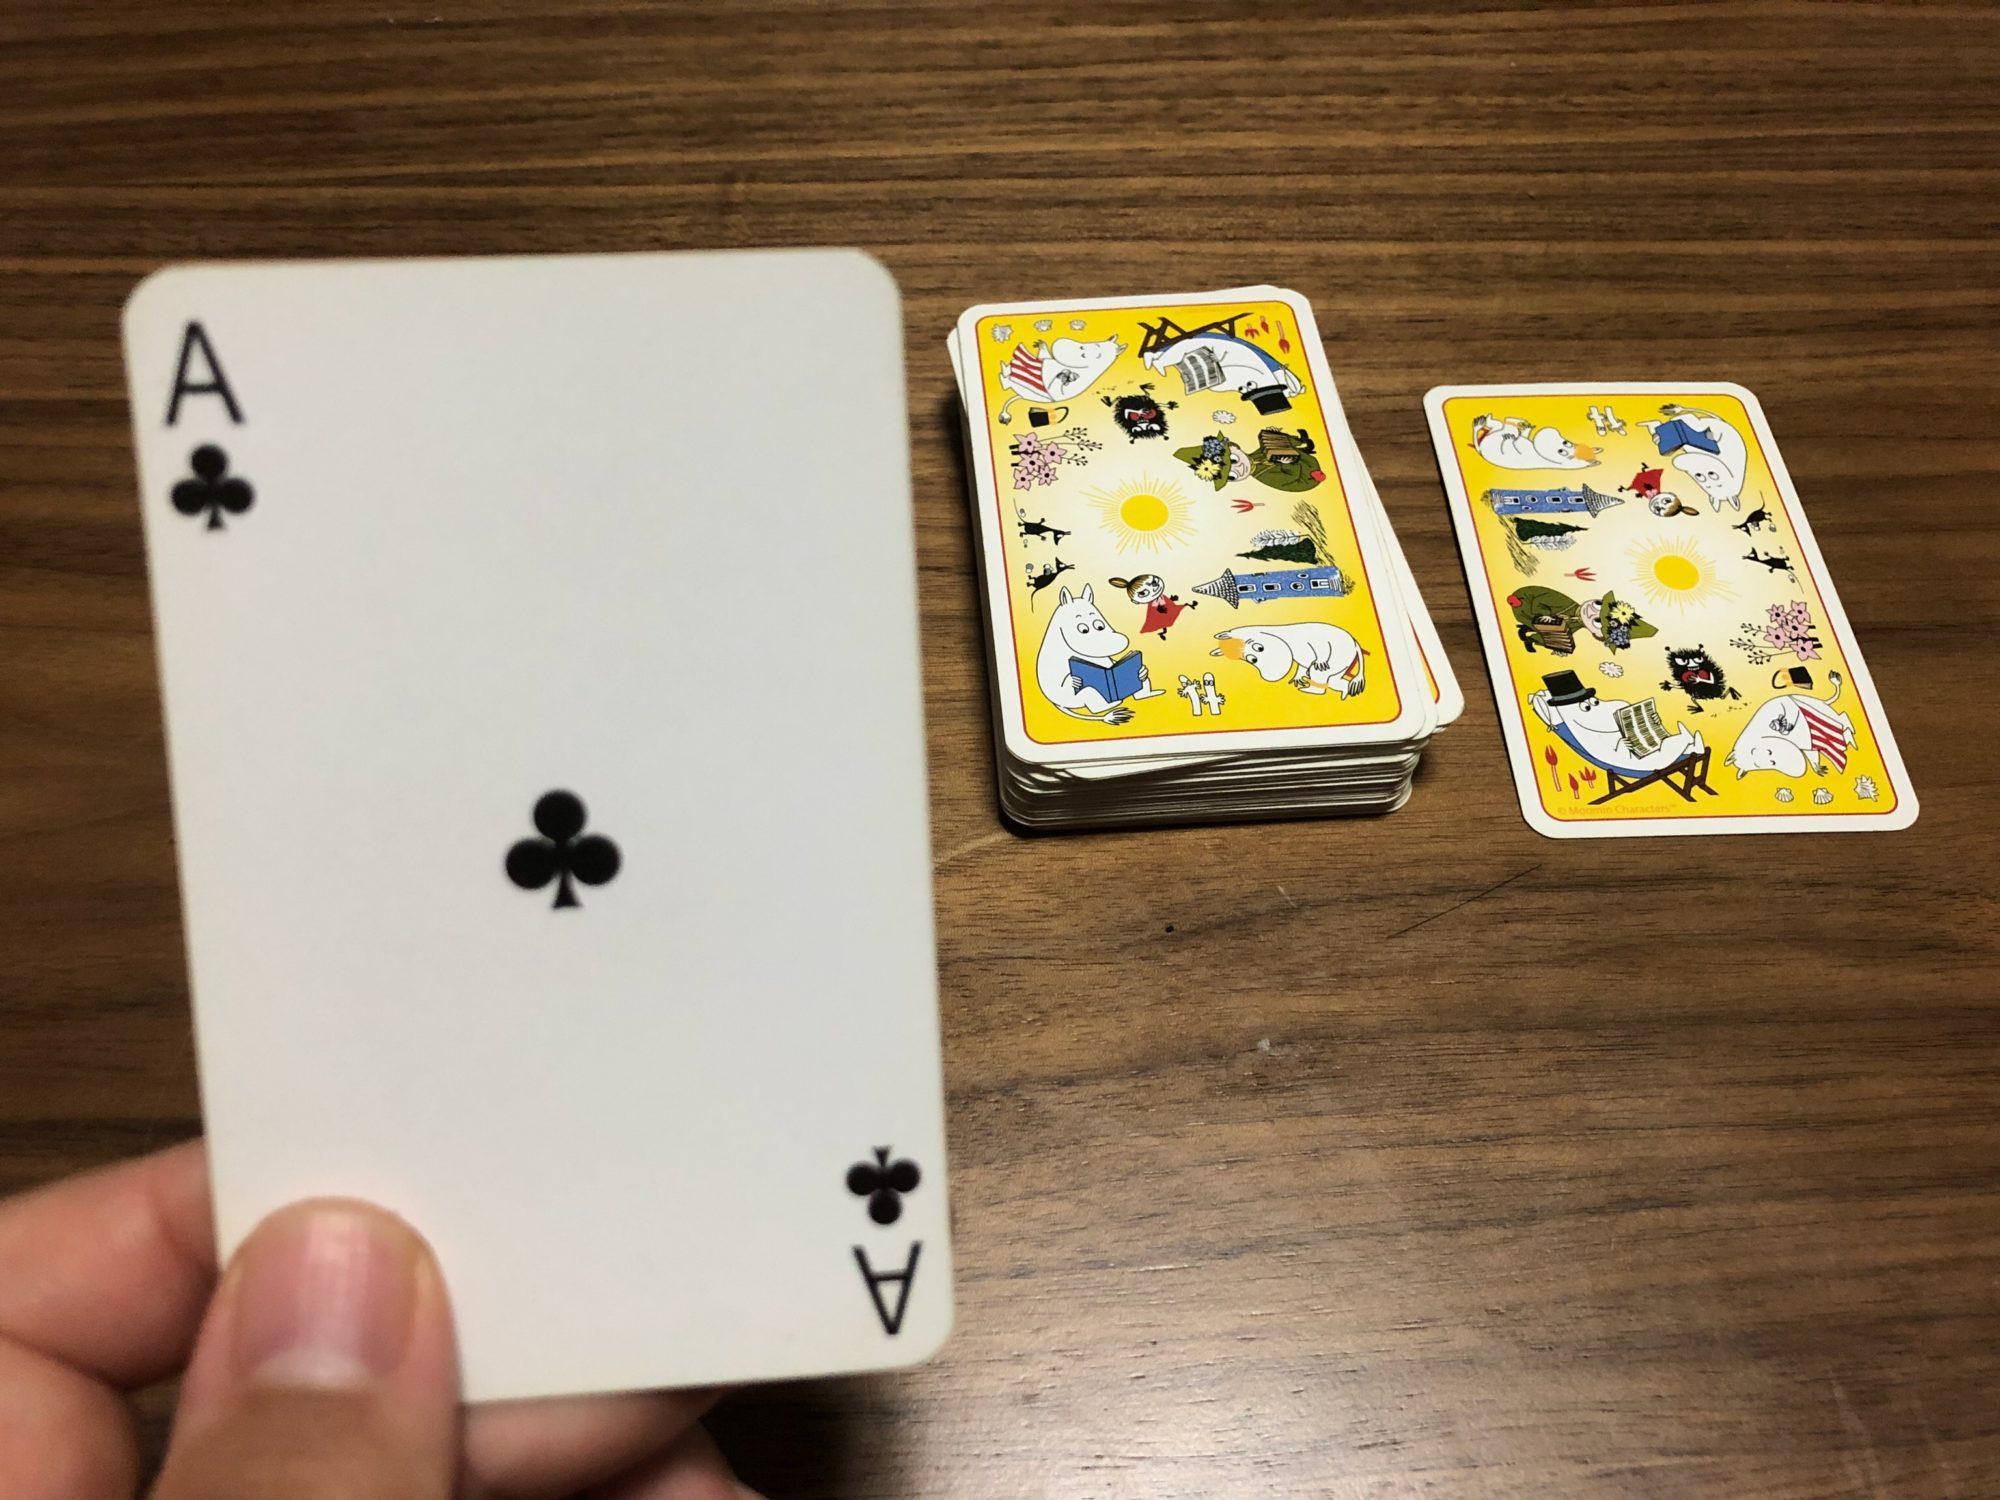 『二人大富豪』の遊び方!【動画付き】2人で出かけた旅先の電車でも楽しめるトランプゲーム〜2枚のうち1枚を選んで、全体の半分の枚数で遊ぶ〜